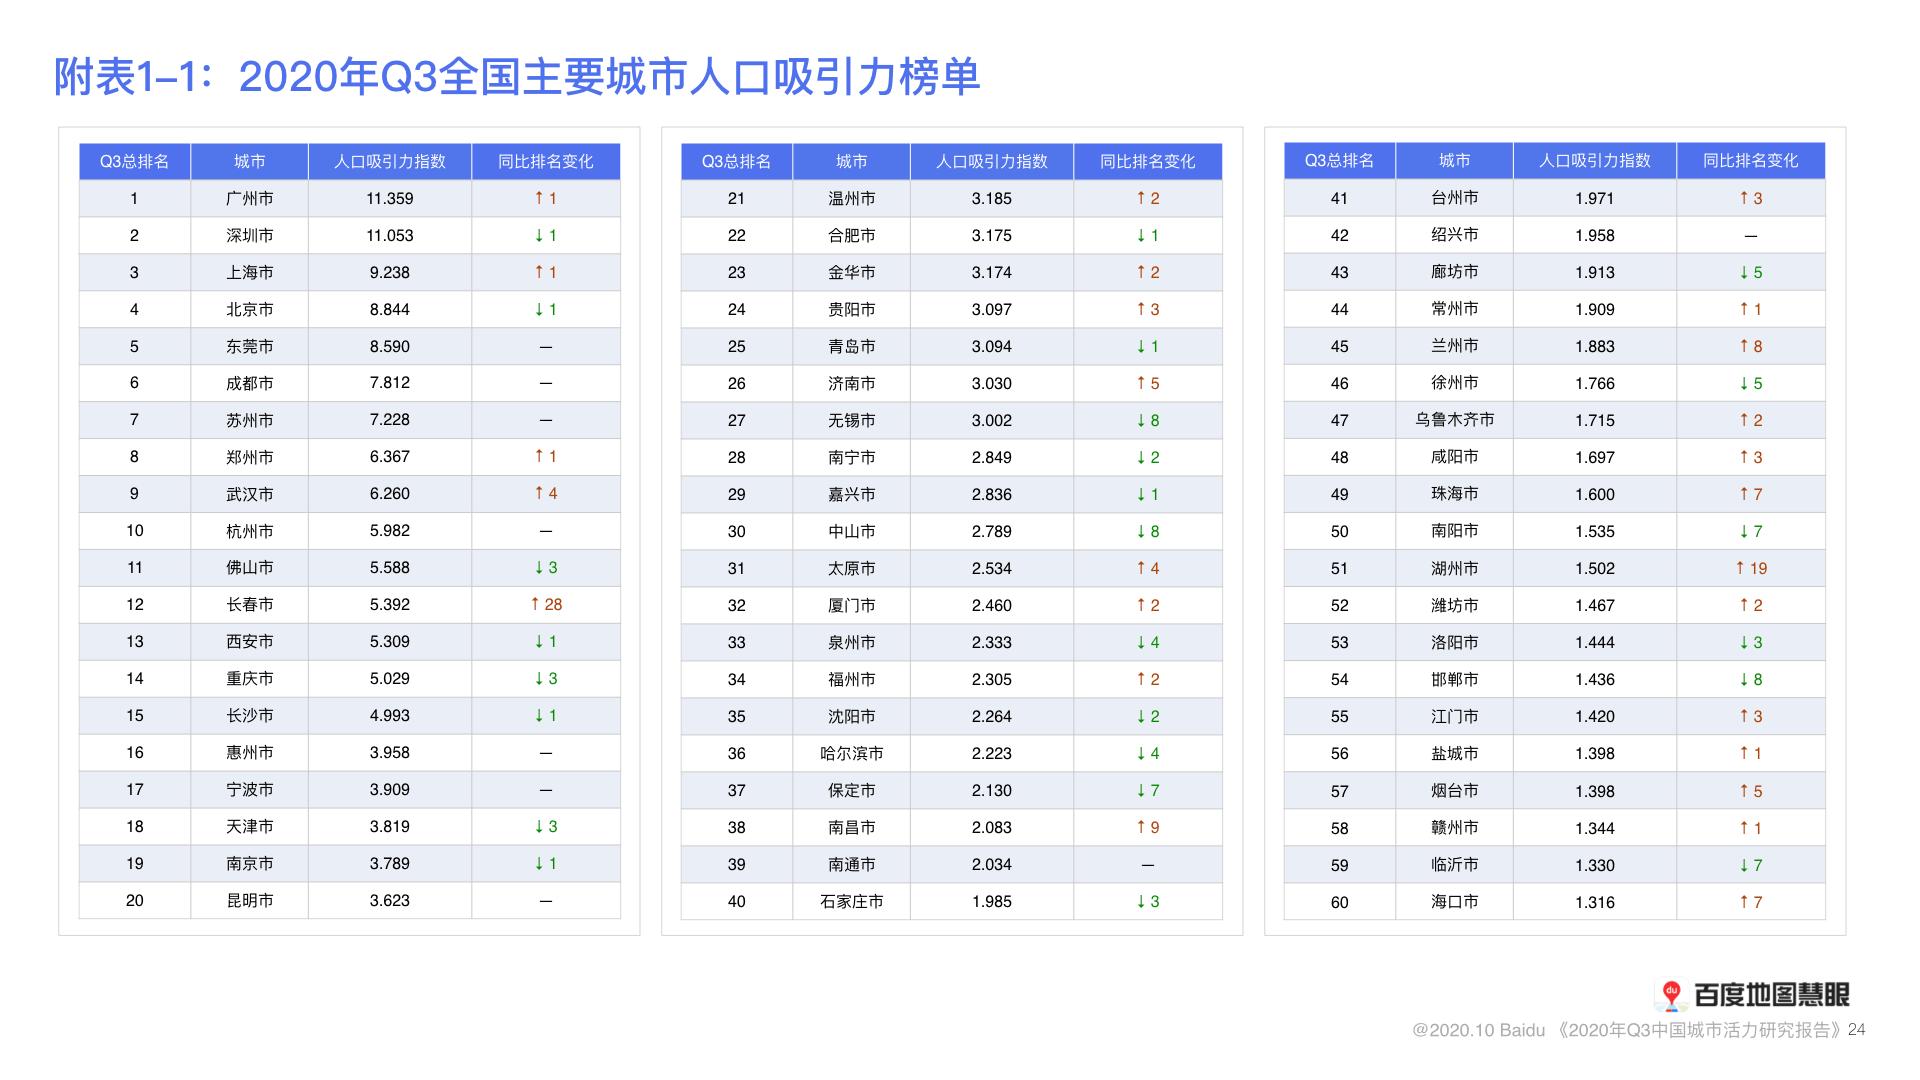 中国城市人口2020总人数排名_中国人口2020总人数